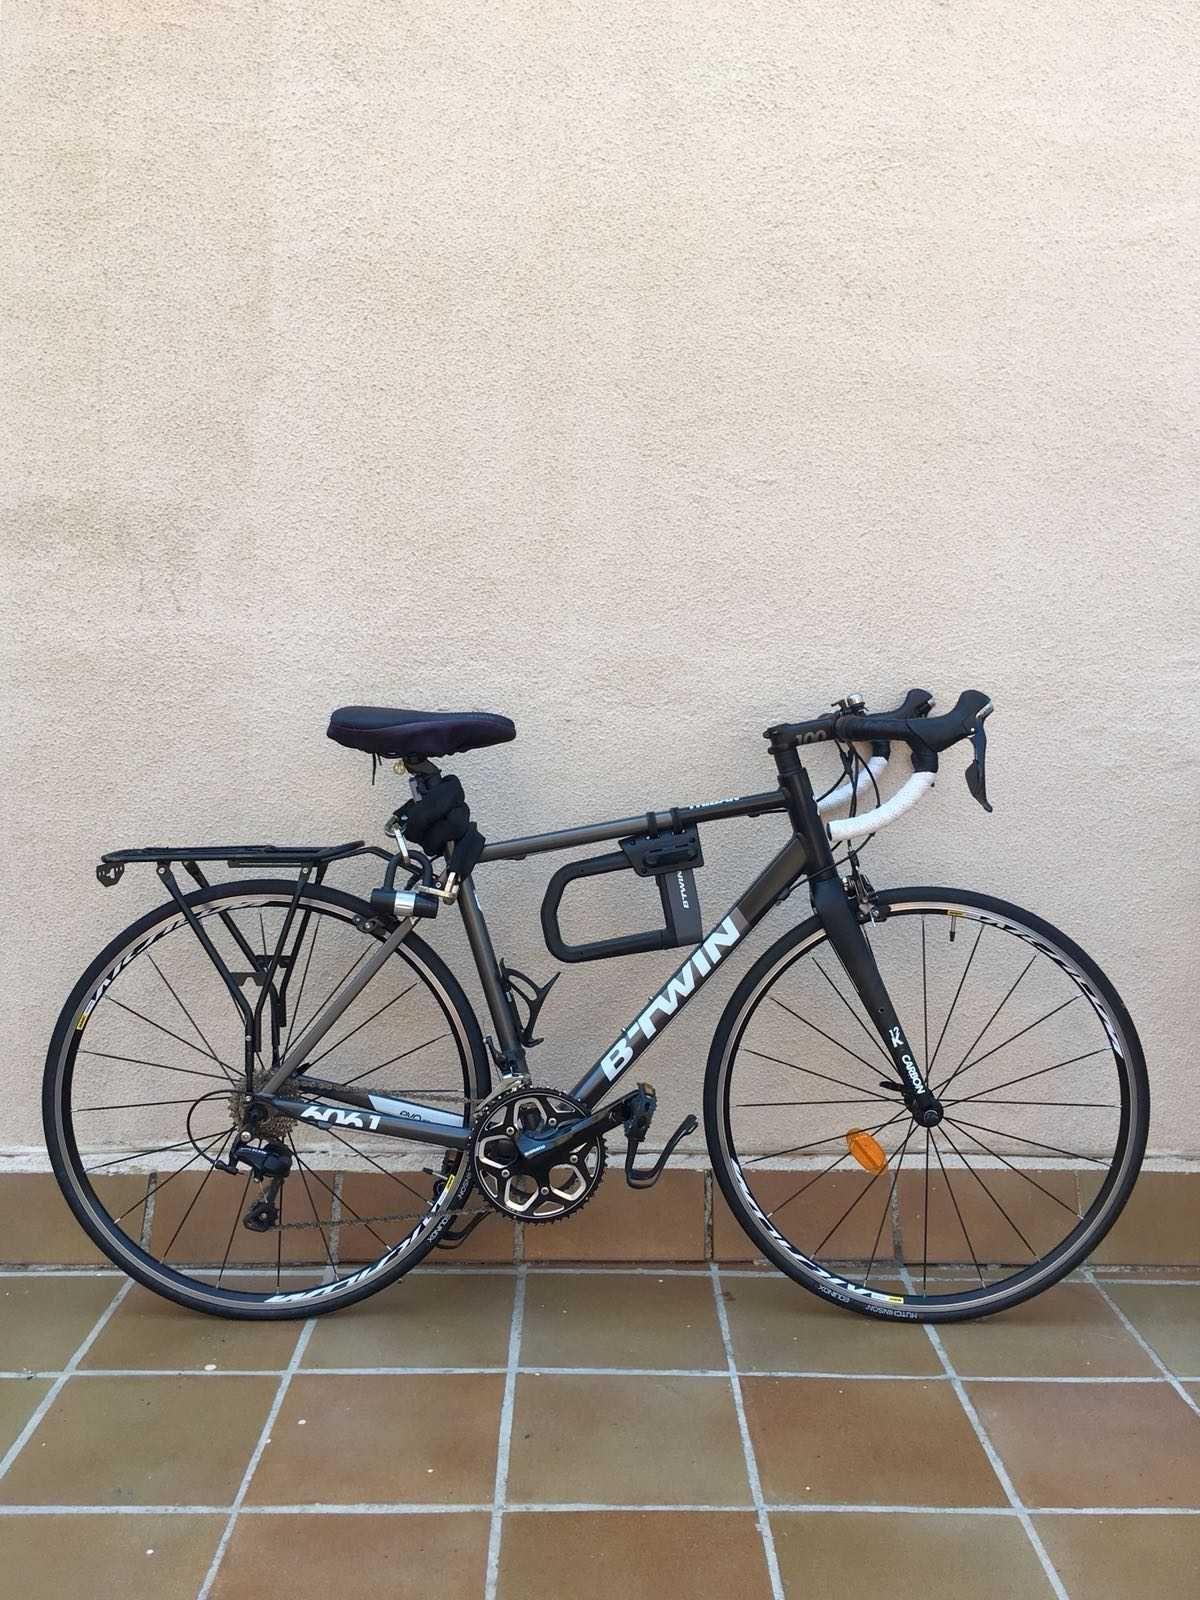 Bicicleta de carretera Btwin Triban 540  Ref: 36907  Talla M  Año